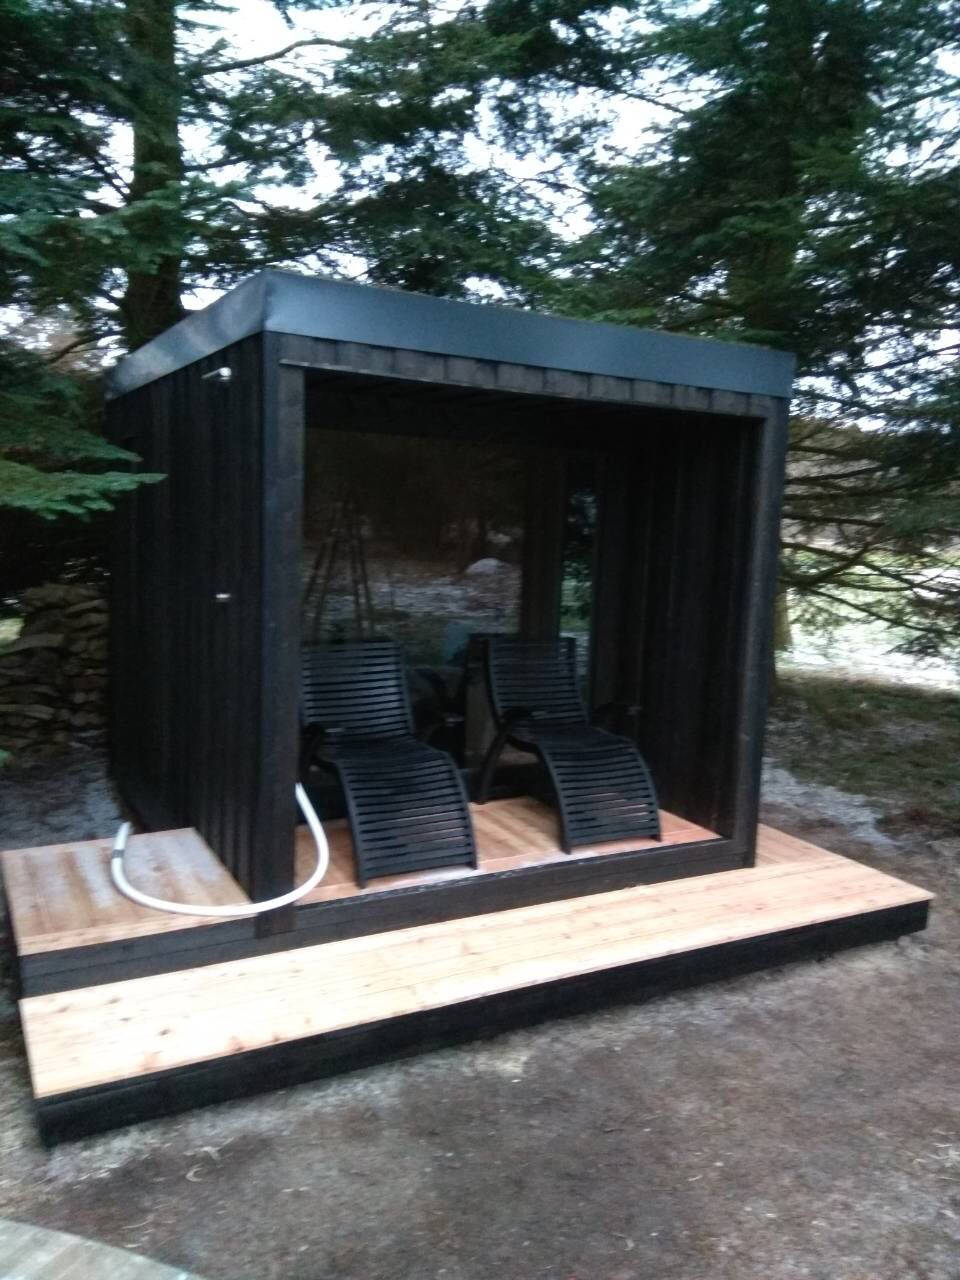 INUA-Baldur-udendørs-finsk-sauna-med-terasse_Mols-Bjerge